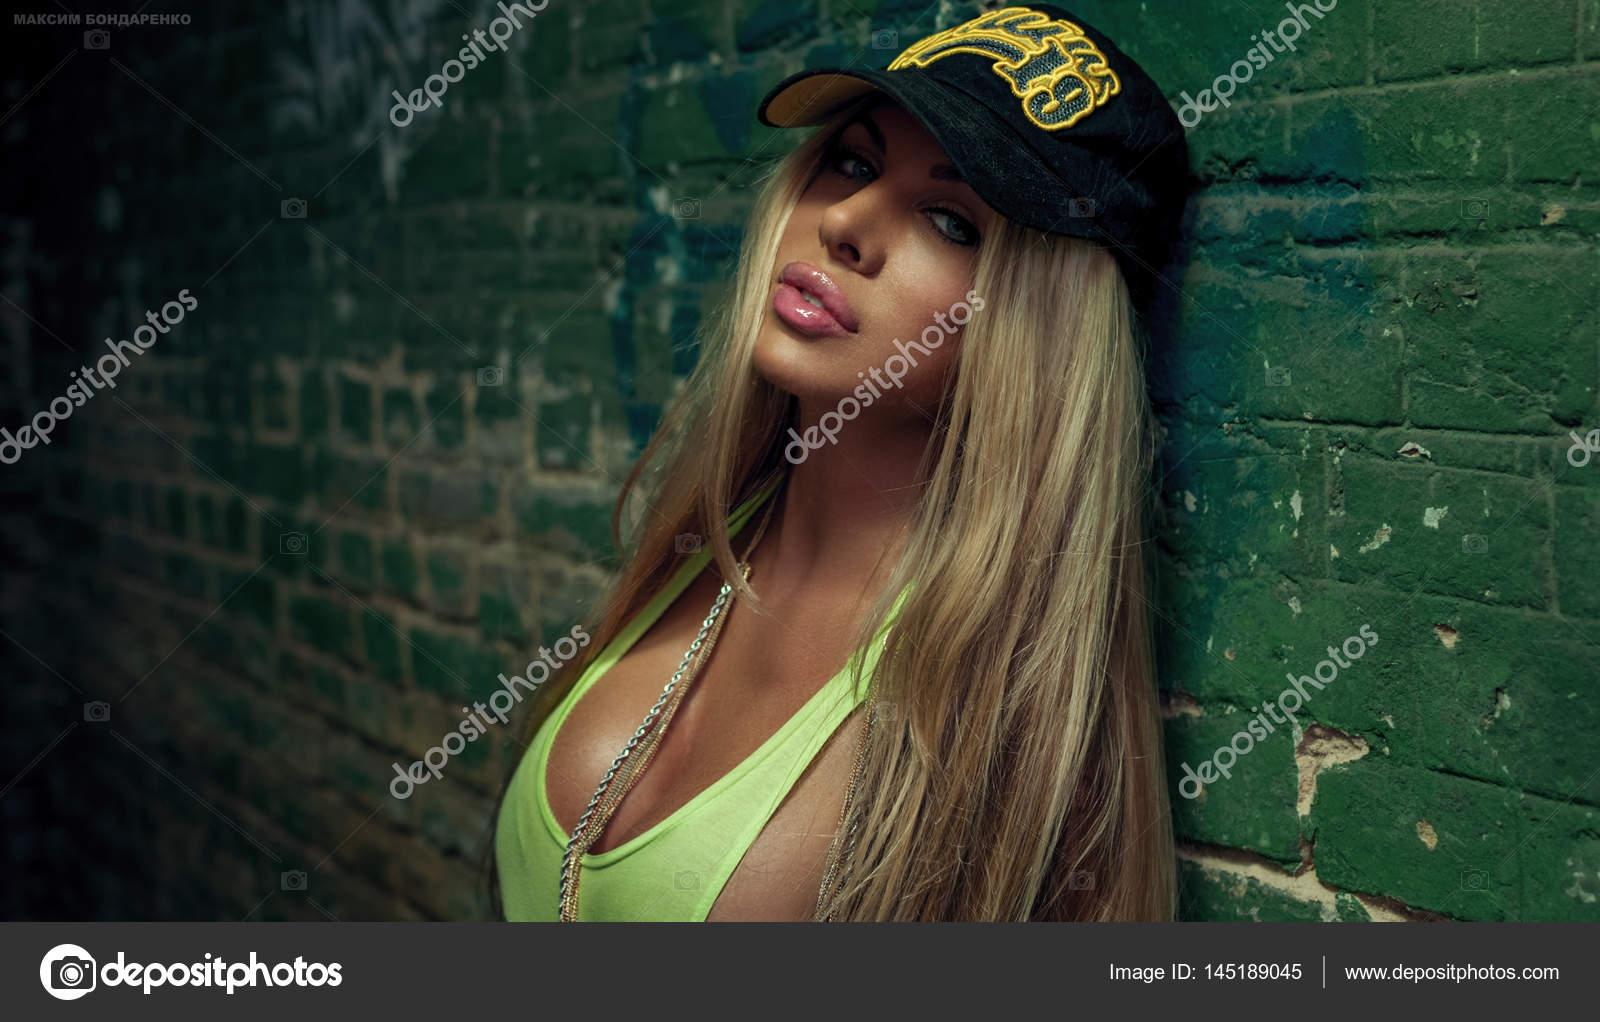 Сексуальная девушка в стиле хип хоп фото — 12